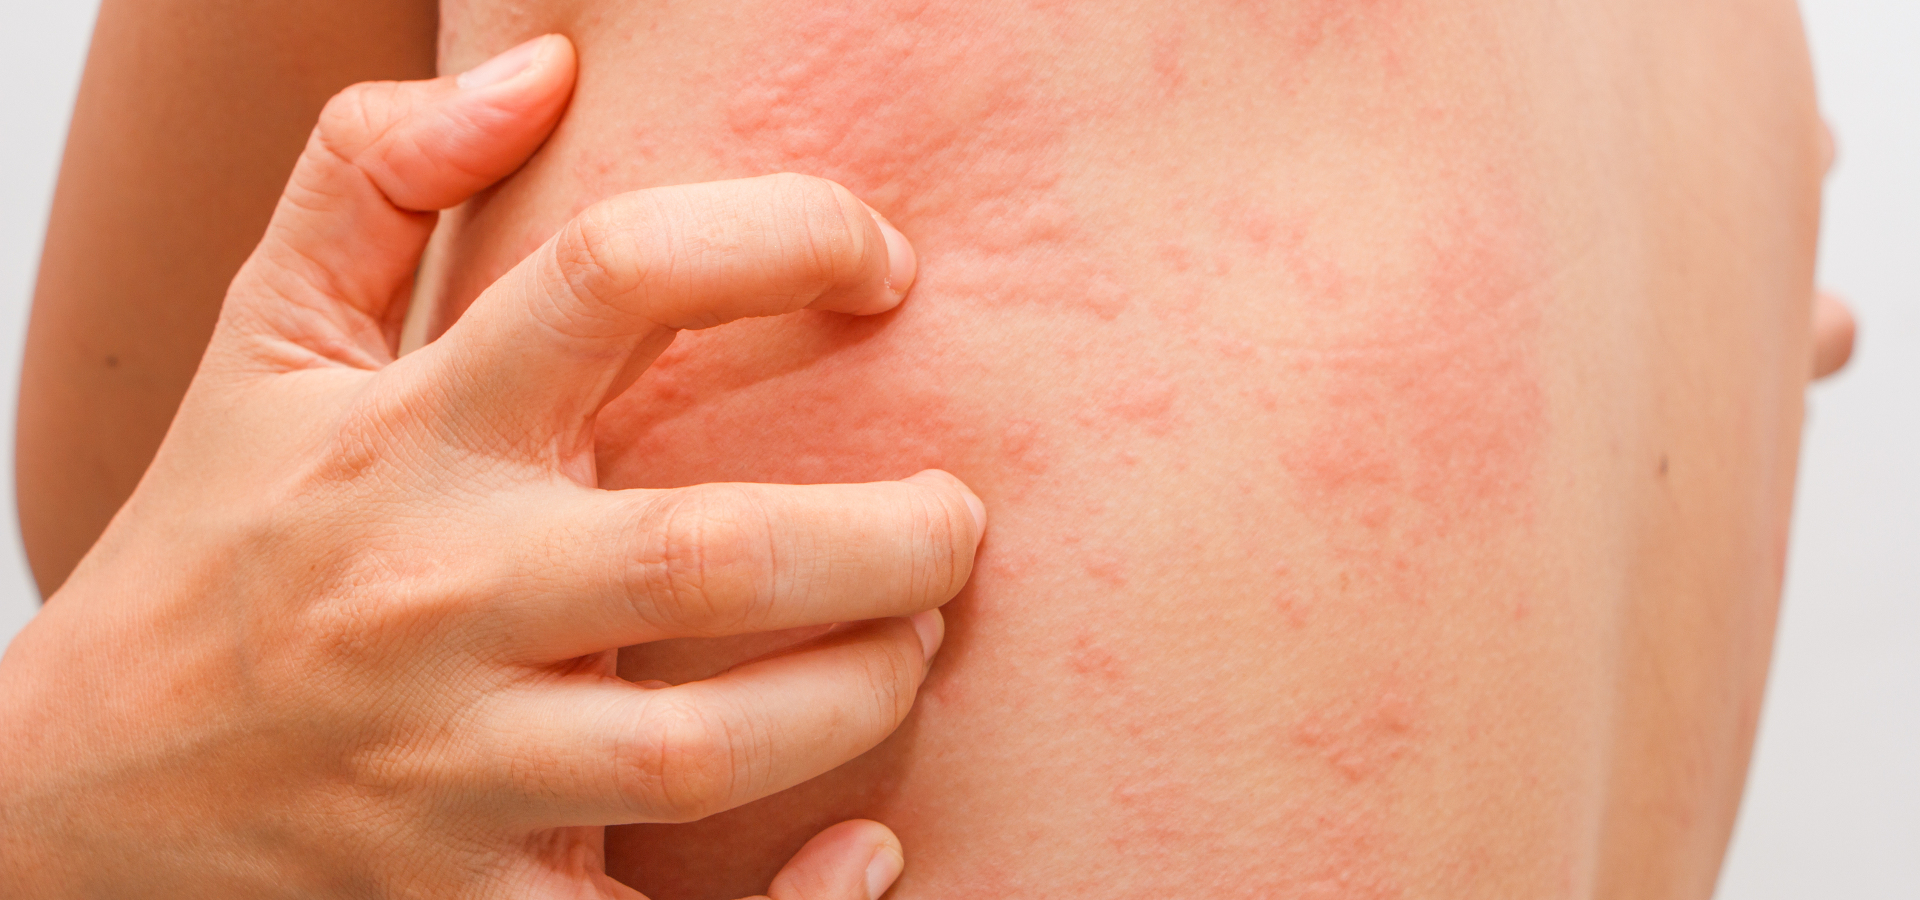 Аллергические реакции на фоне нервных стрессов